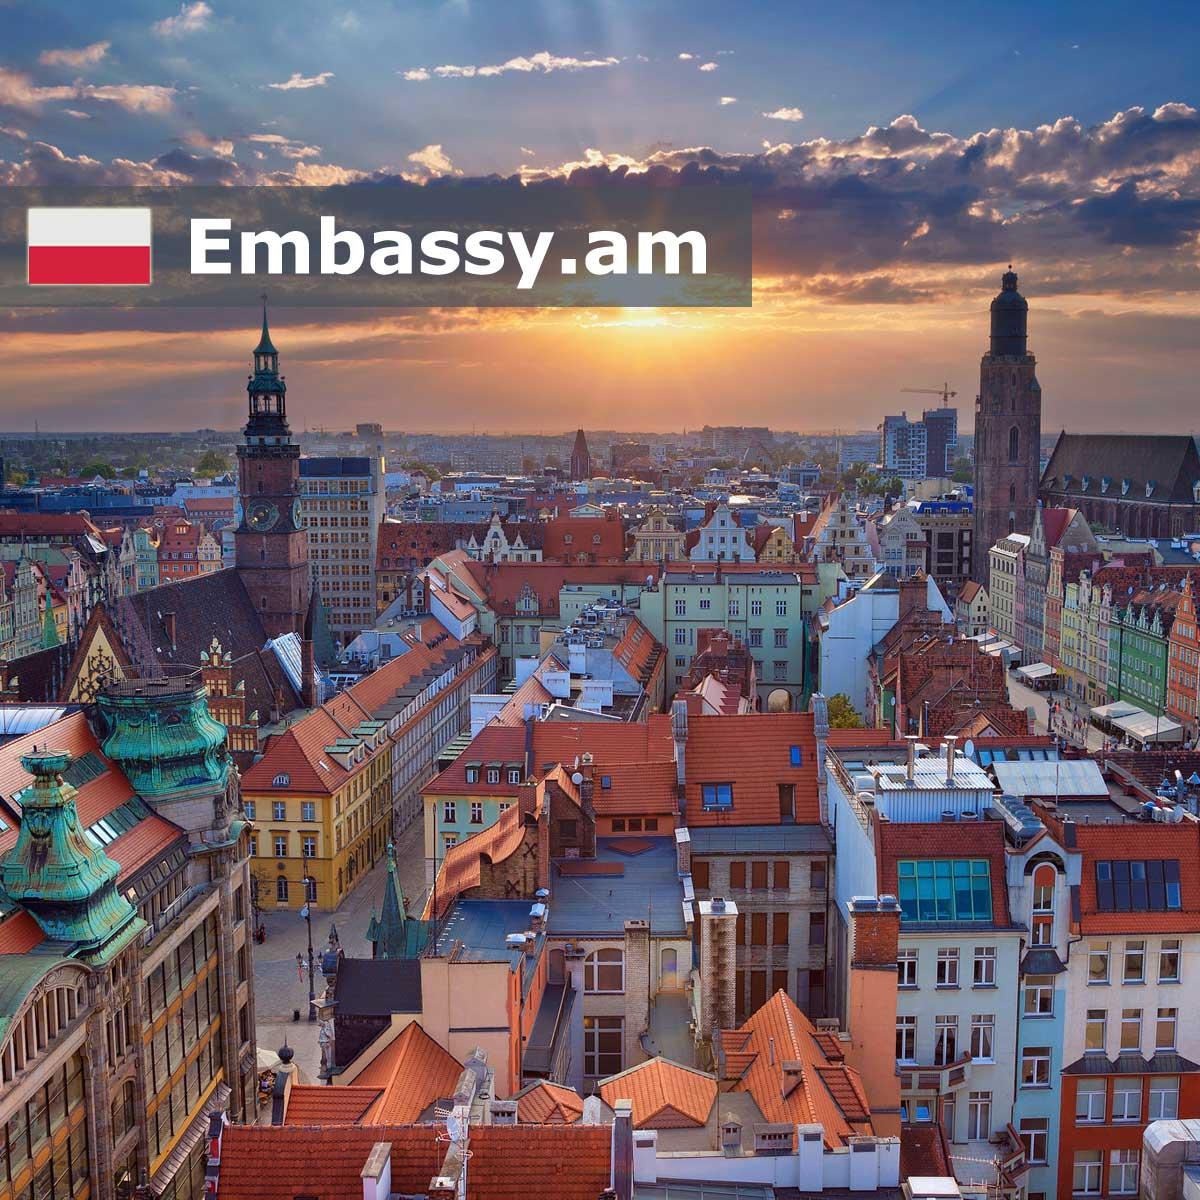 Вроцлав - Отели в Польши - Embassy.am